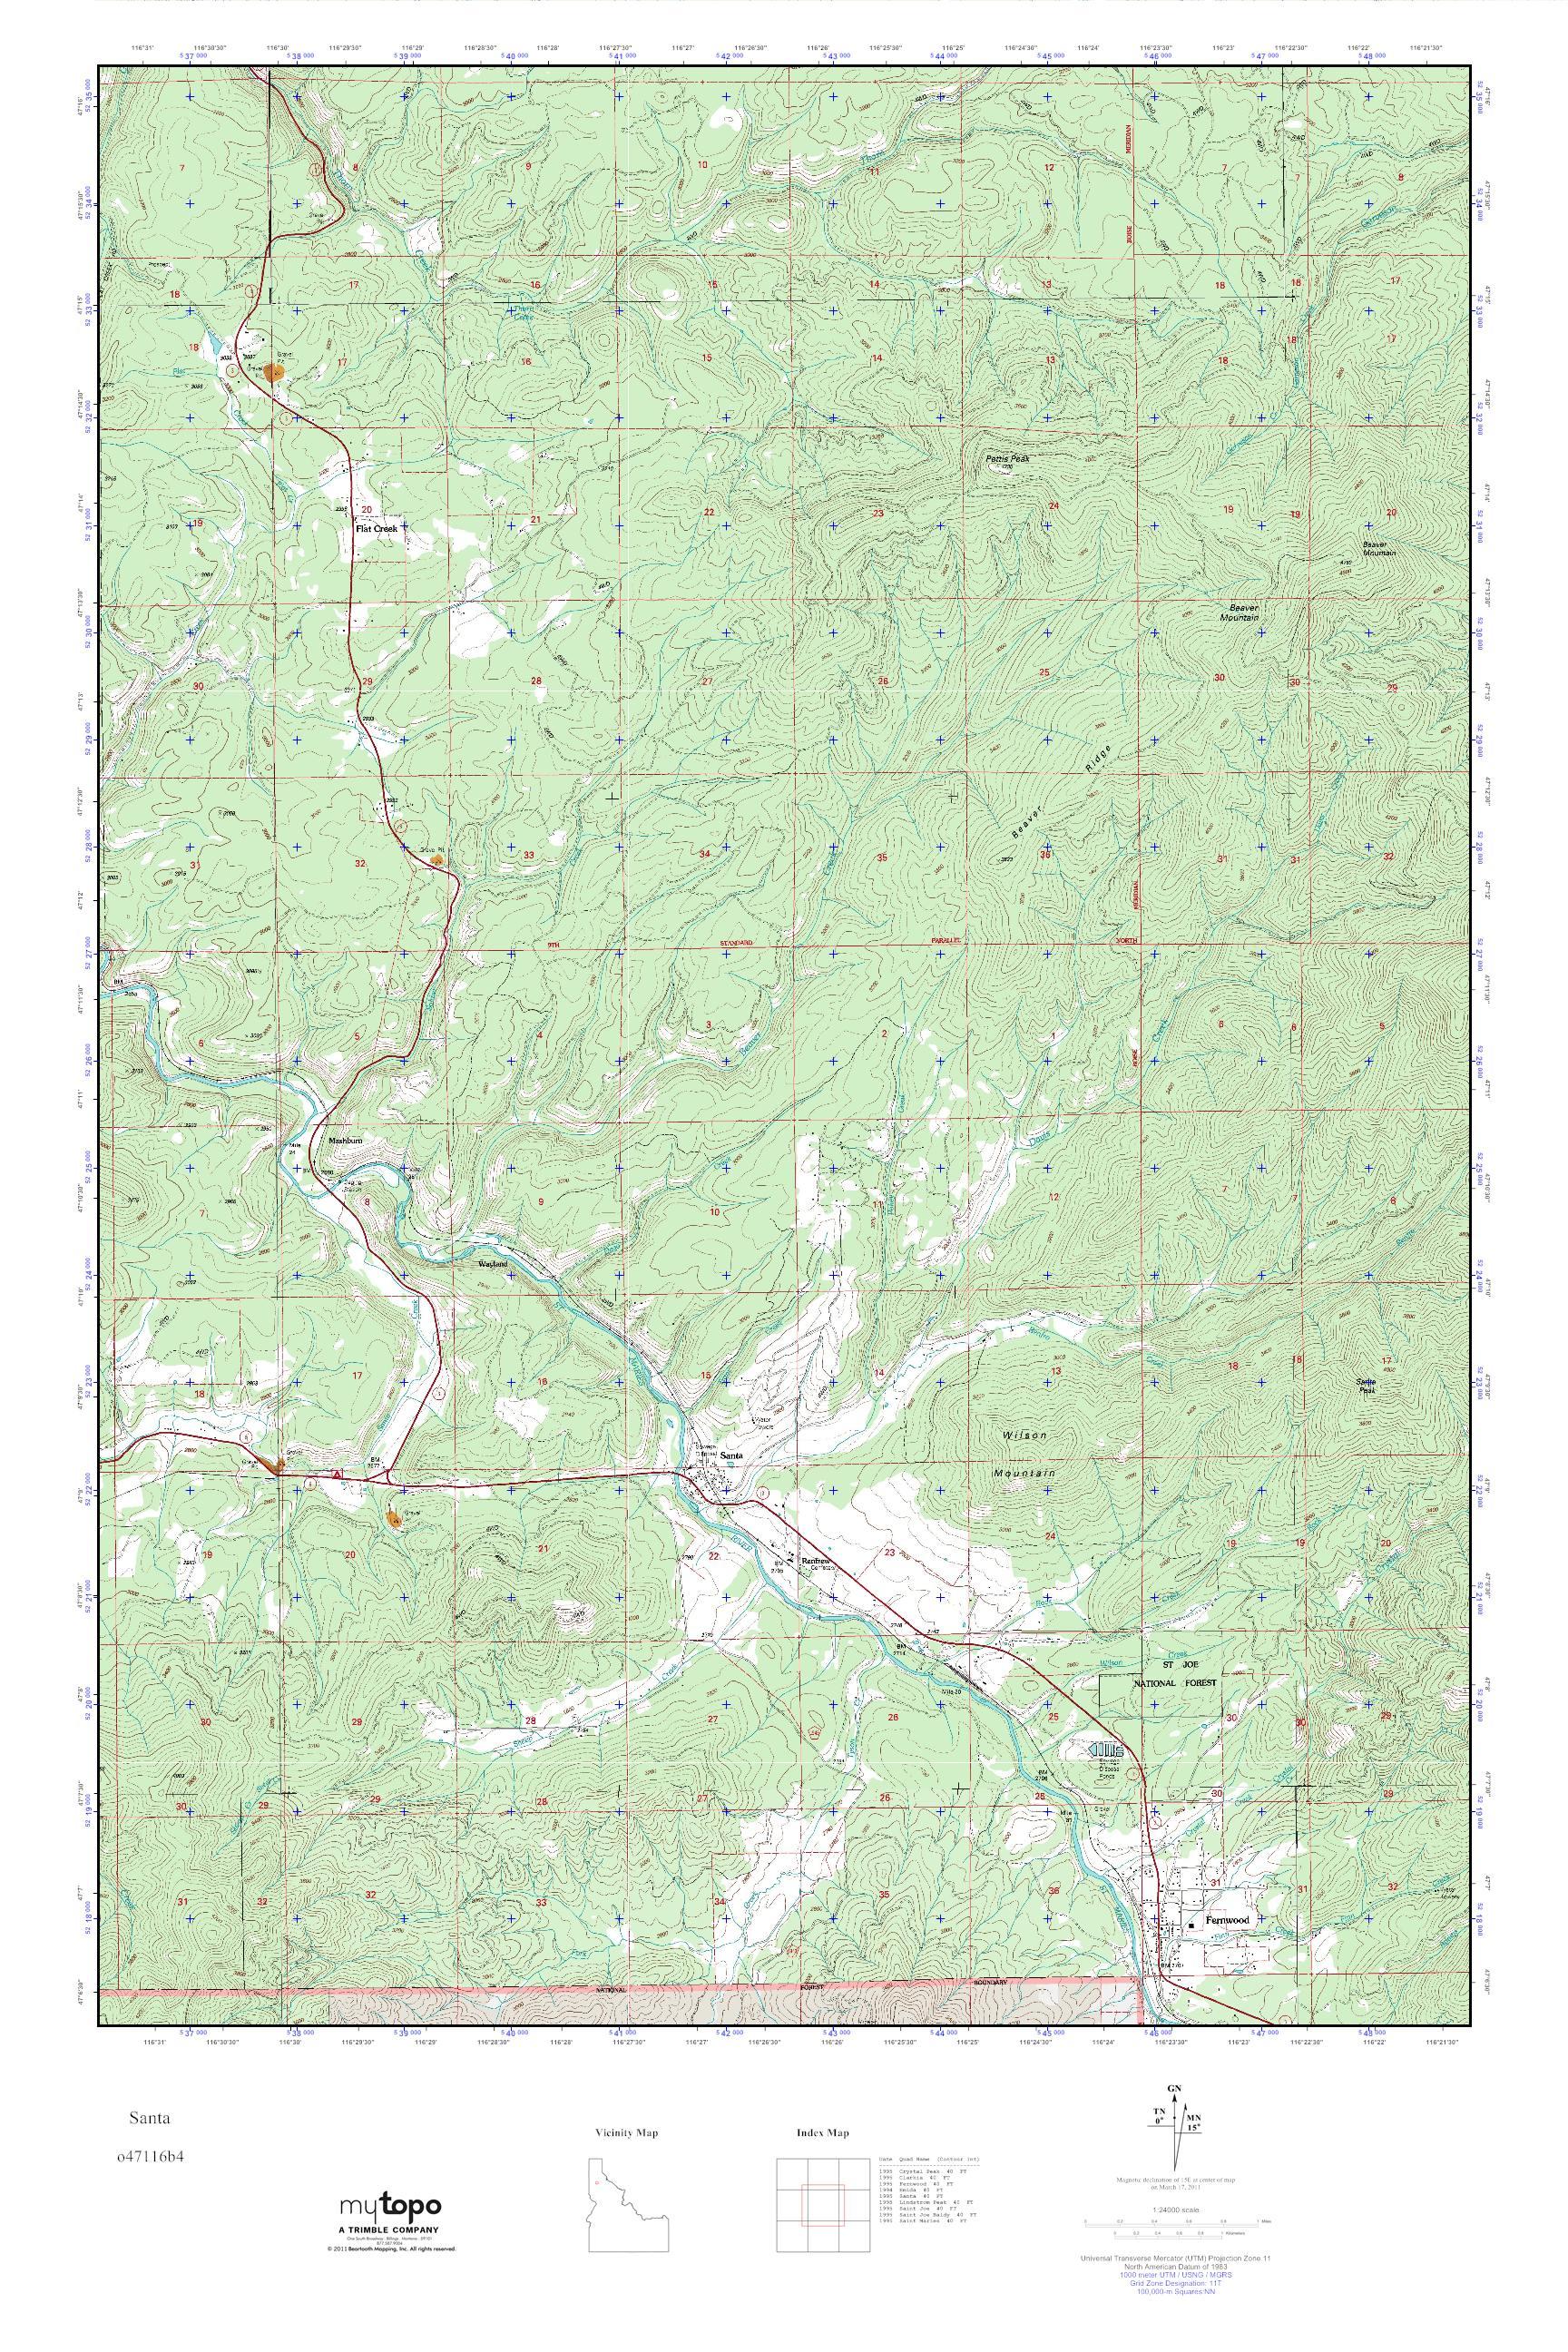 MyTopo Santa, Idaho USGS Quad Topo Map